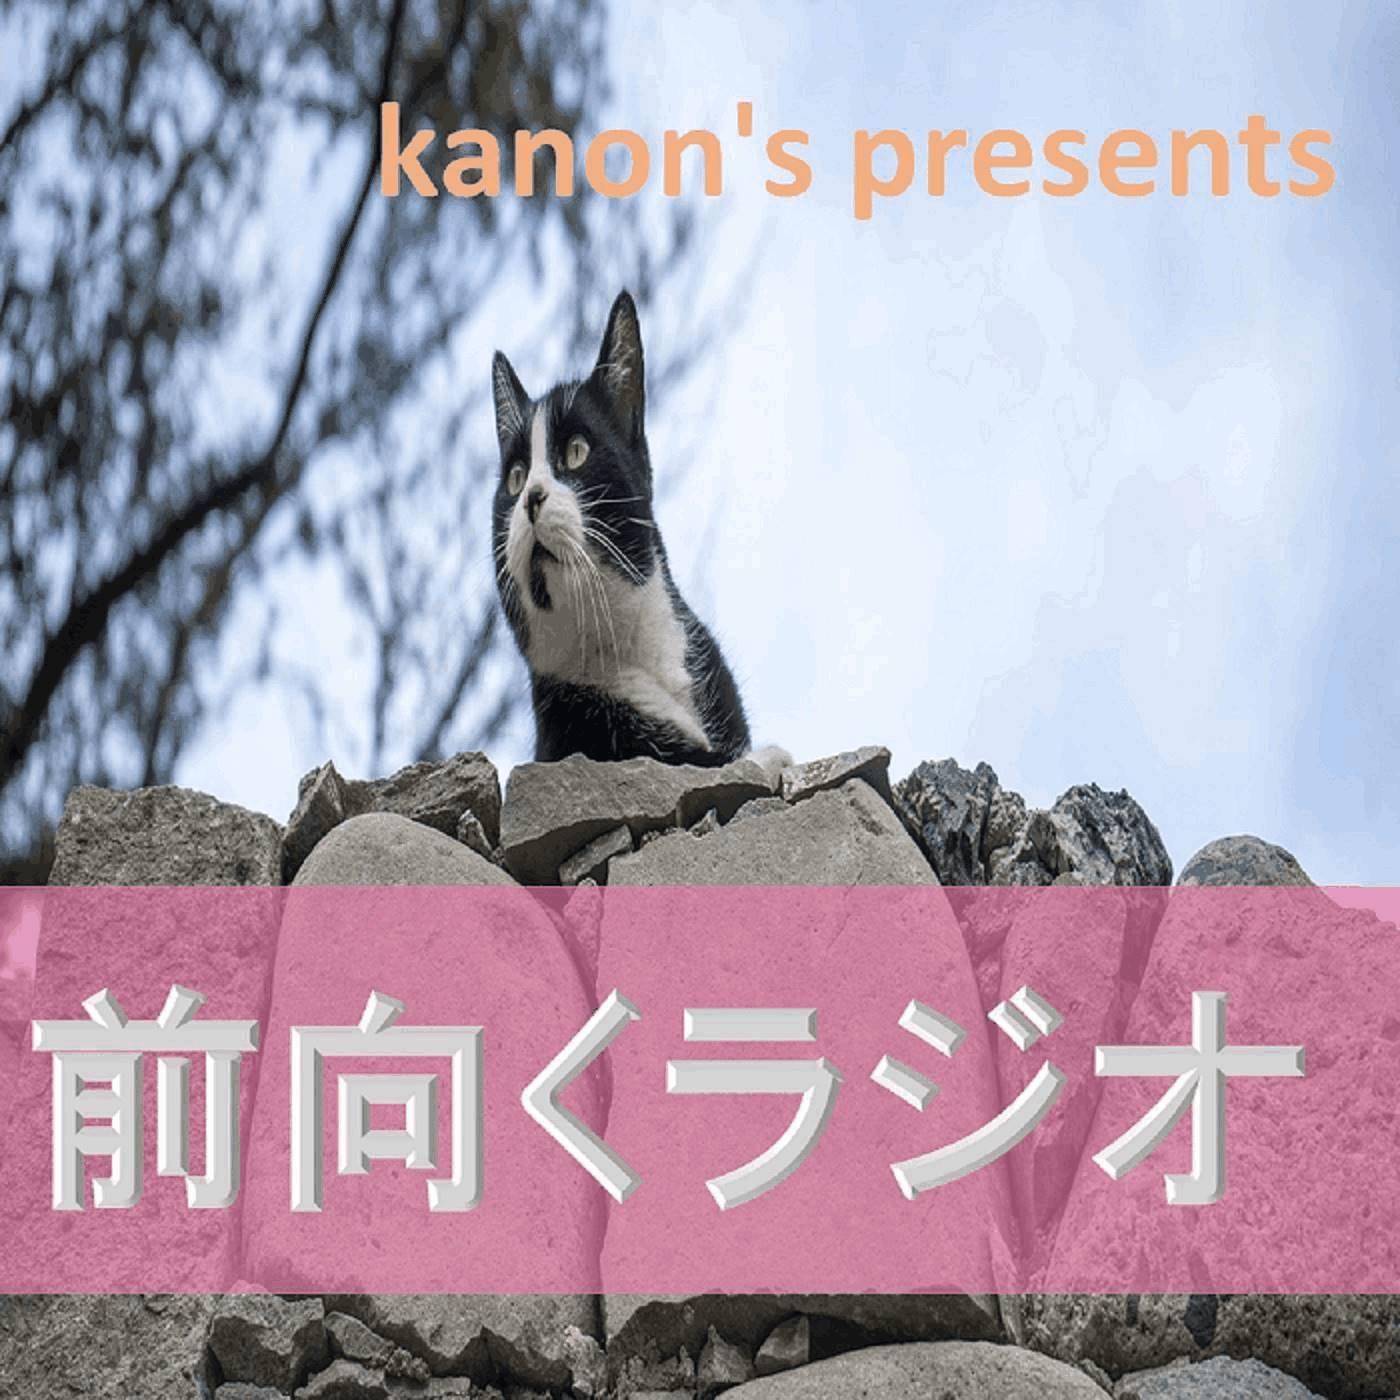 「前向くラジオ ~kanon's presents」人生、立ち止まったり、後ろ向きになることもあるけど、そんな自分を好きになる。ゆるく前向き・上向きに生きていくヒントをお届けするPodcastです。